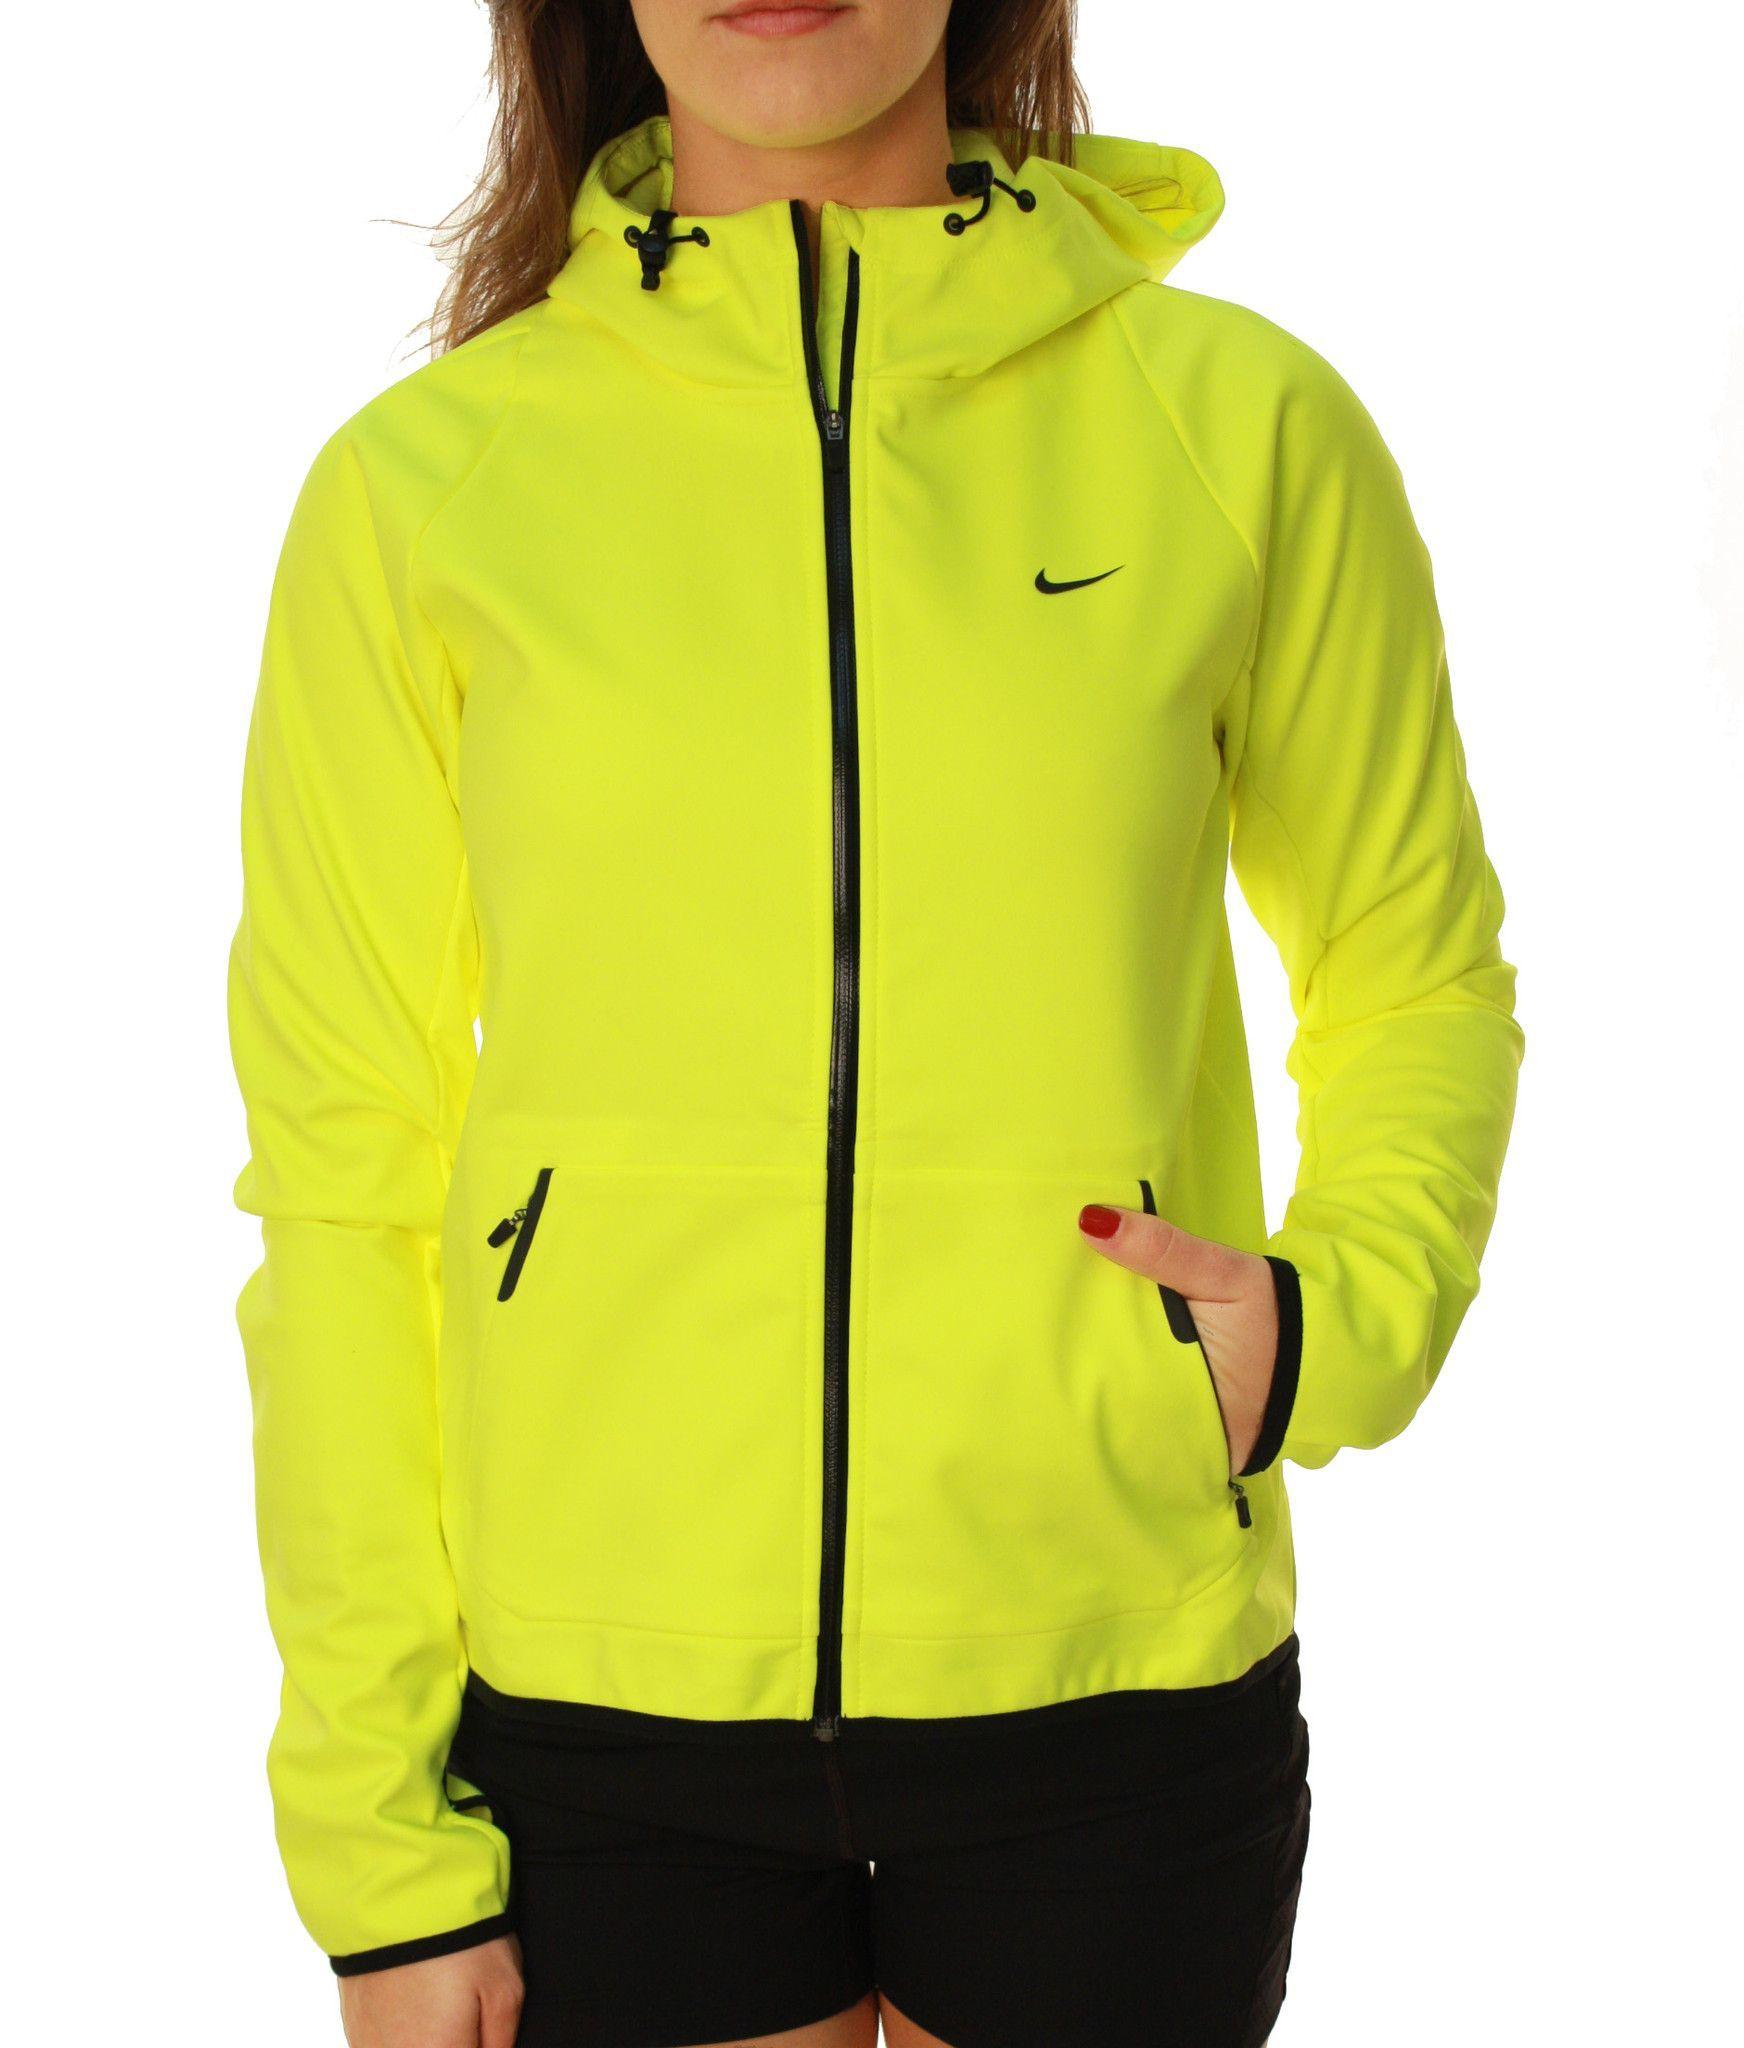 22cca2a64e43 Nike Women s Hypertech Storm-Fit Full Zip Training Hoodie ...